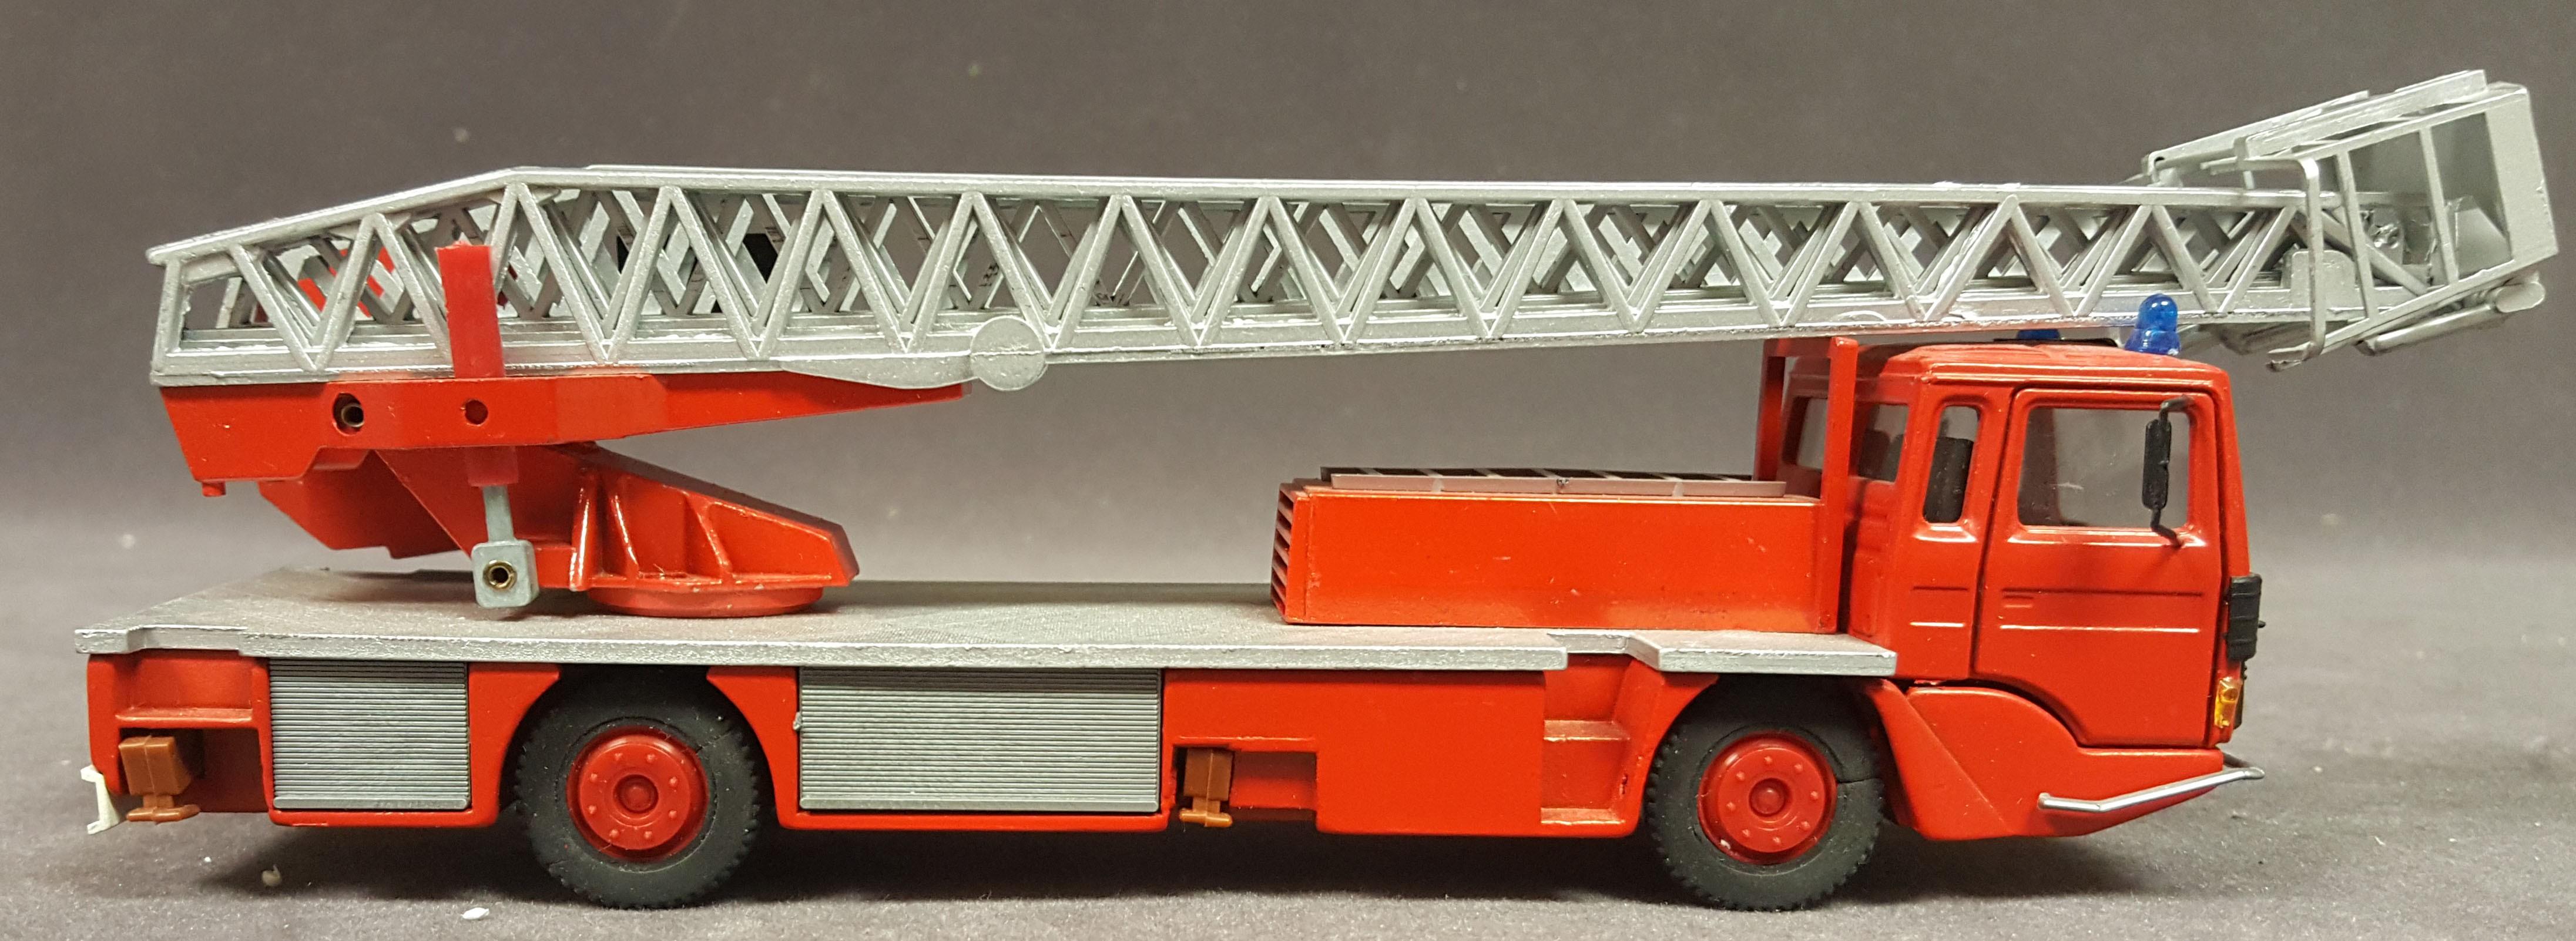 EPA 30 s fire truck